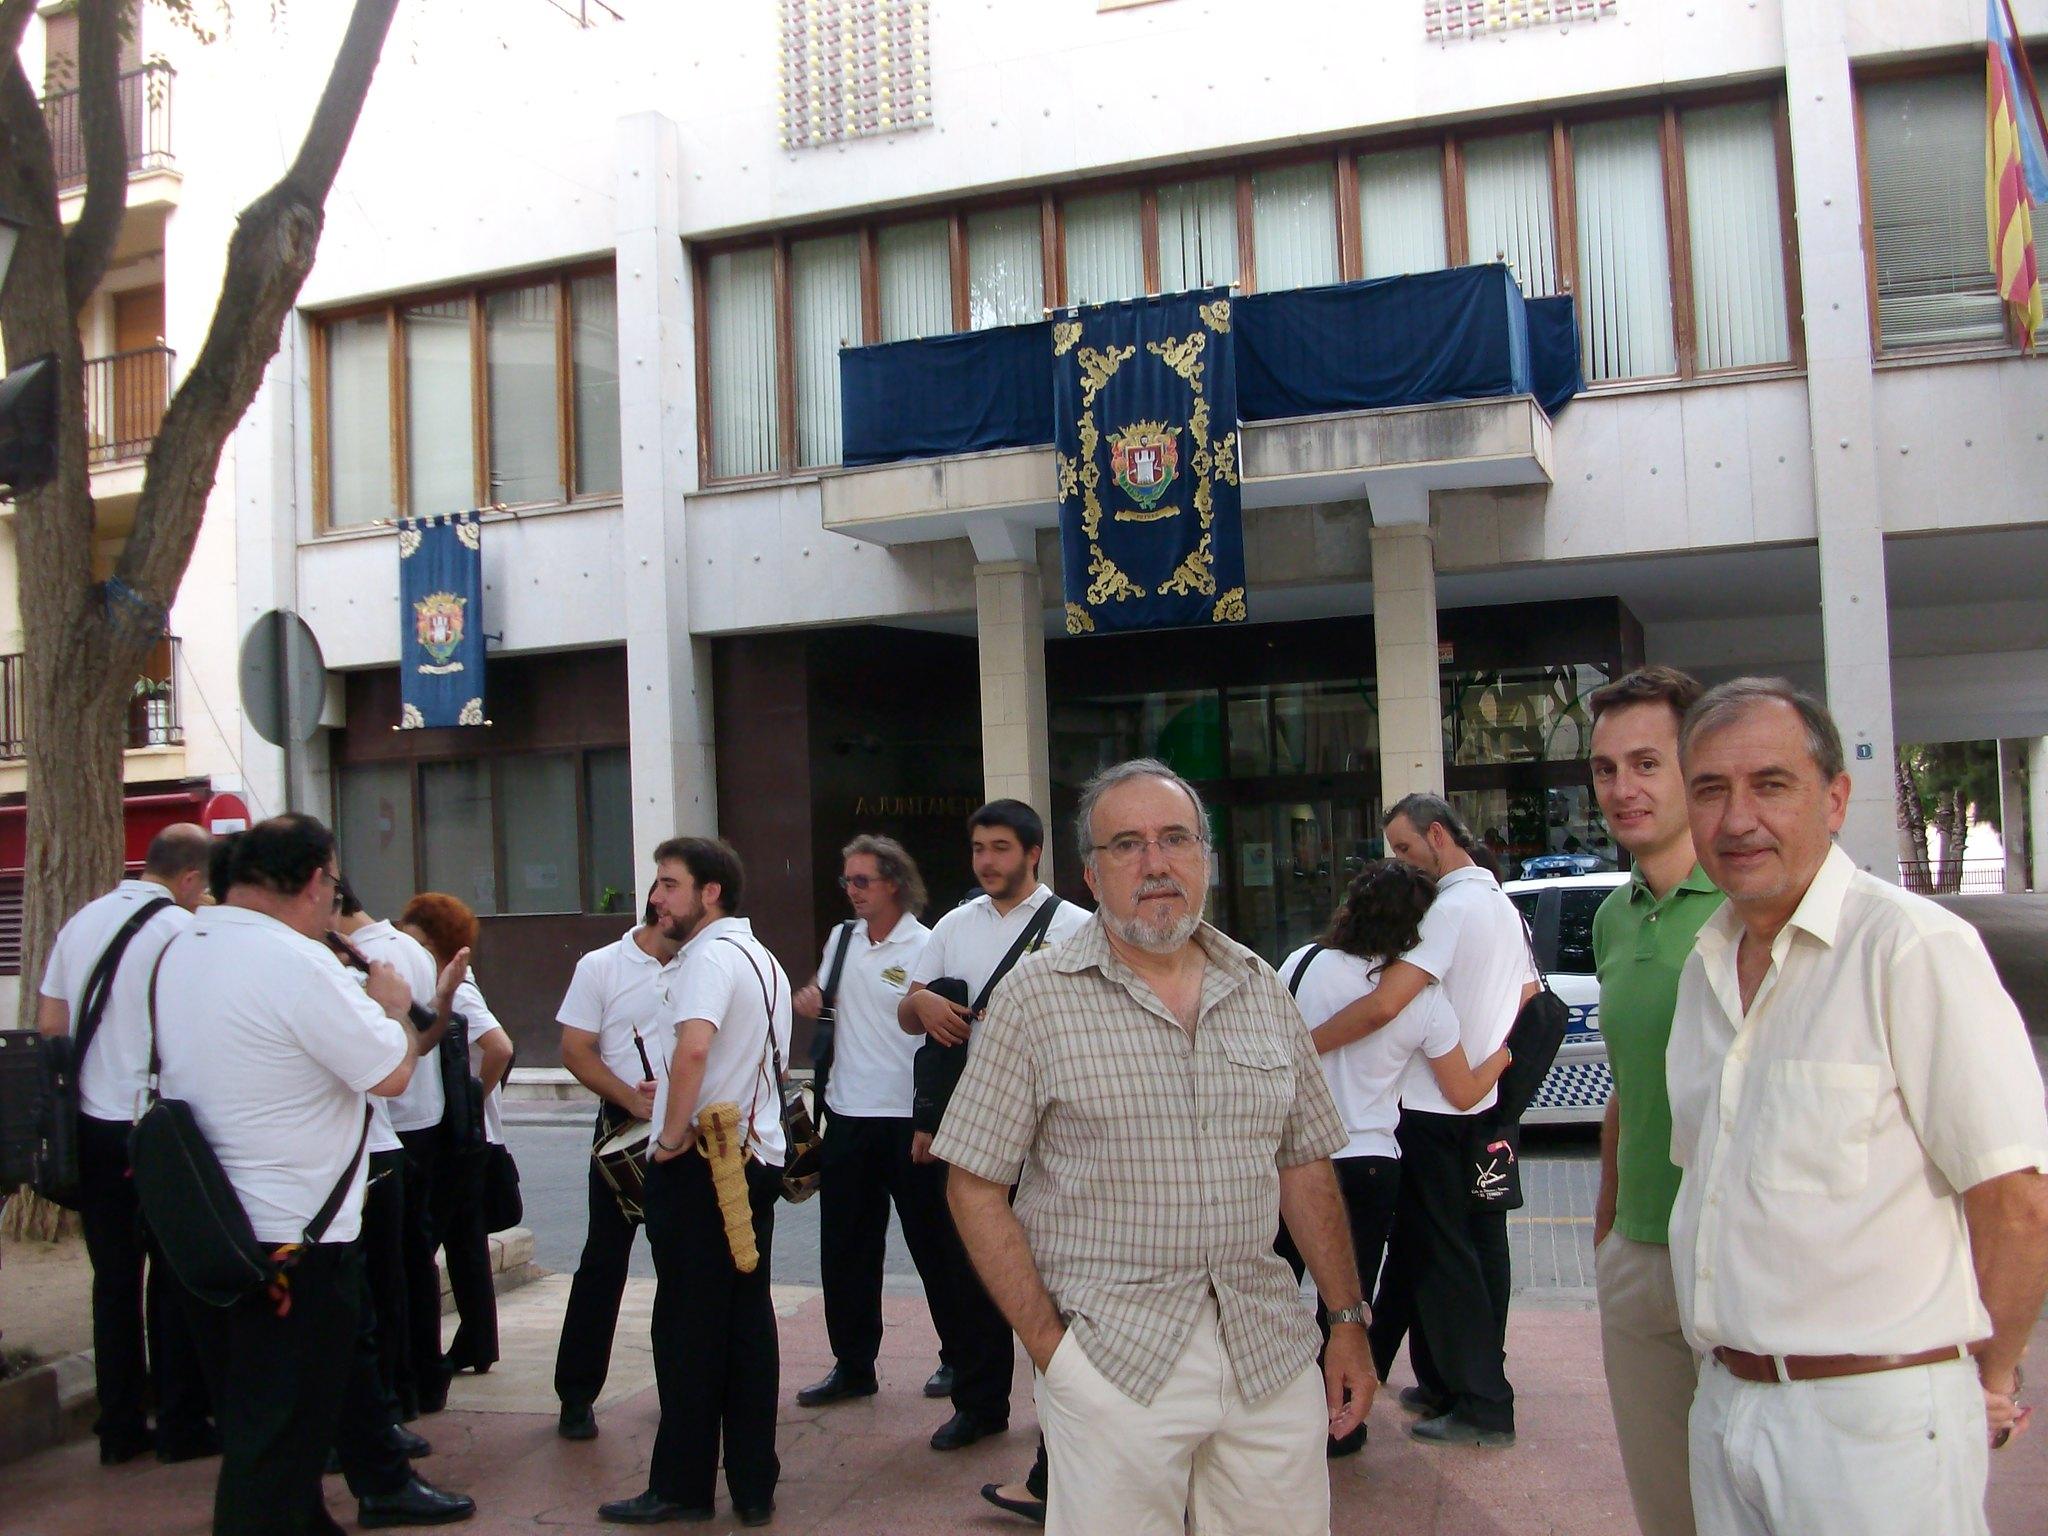 (2011-07-03) Despertà - Jose Vicente Romero Ripoll (01)